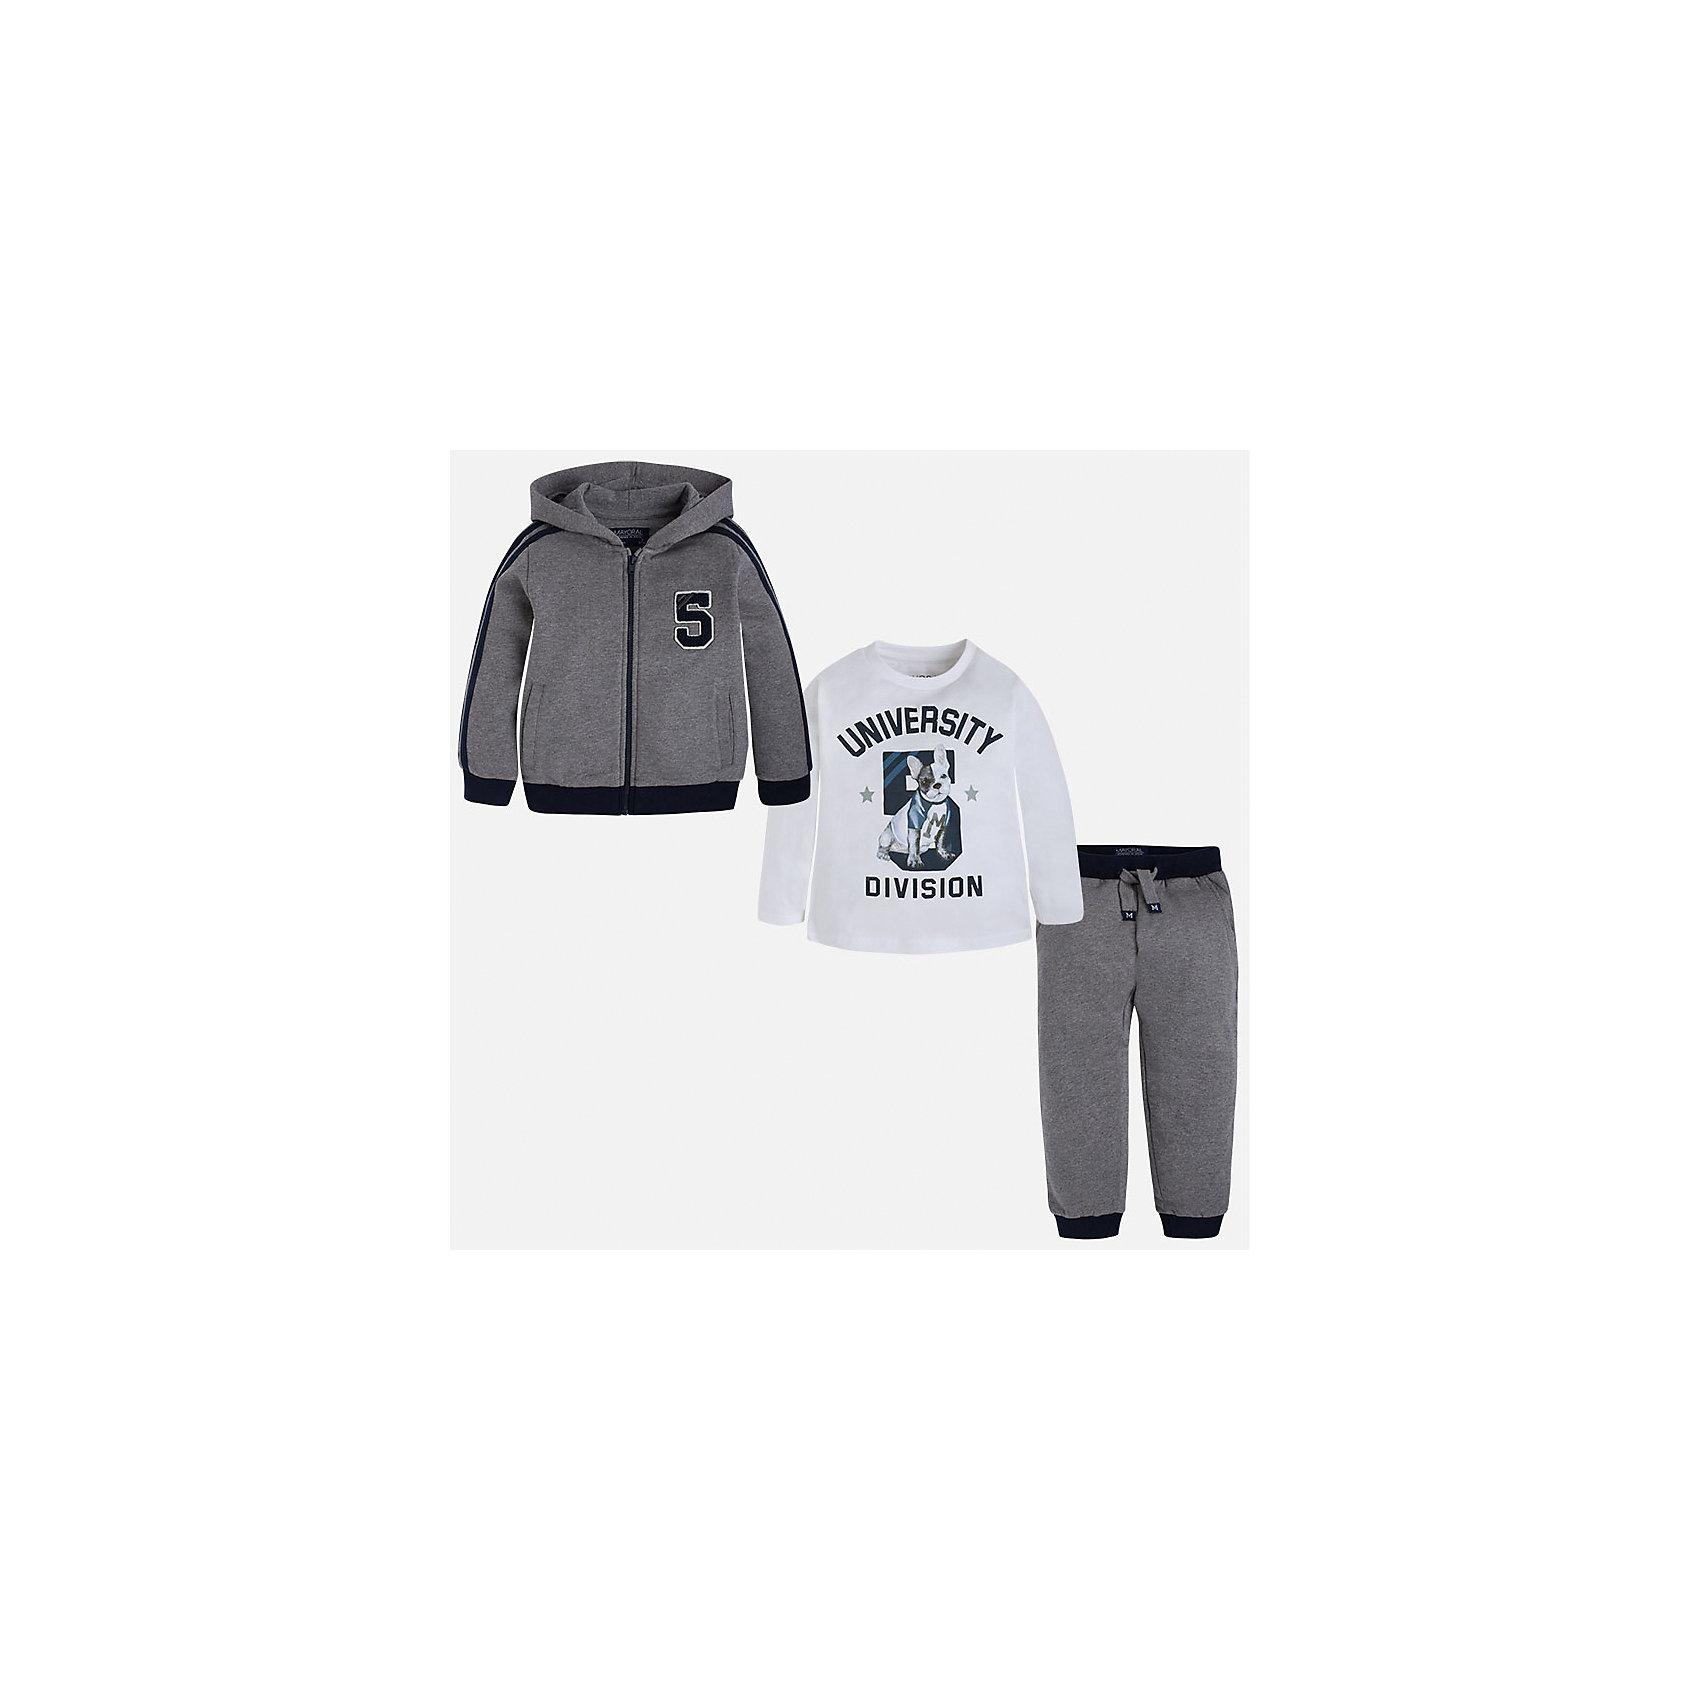 Спортивный костюм для мальчика MayoralУ каждого юного джентльмена должен быть полноценный спортивный костюм!<br><br>Дополнительная информация:<br><br>- В комплекте: спортивная кофта и белая футболка с длинными рукавами, брюки.<br>- Крой: свободный крой.<br>- Страна бренда: Испания.<br>- Состав: хлопок 100%.<br>- Цвет: серый.<br>- Уход: бережная стирка при 30 градусах.<br><br>Купить спортивный костюм для мальчика Mayoral, можно в нашем магазине.<br><br>Ширина мм: 247<br>Глубина мм: 16<br>Высота мм: 140<br>Вес г: 225<br>Цвет: серый<br>Возраст от месяцев: 96<br>Возраст до месяцев: 108<br>Пол: Мужской<br>Возраст: Детский<br>Размер: 128,134,116,104,98,110,122<br>SKU: 4826548